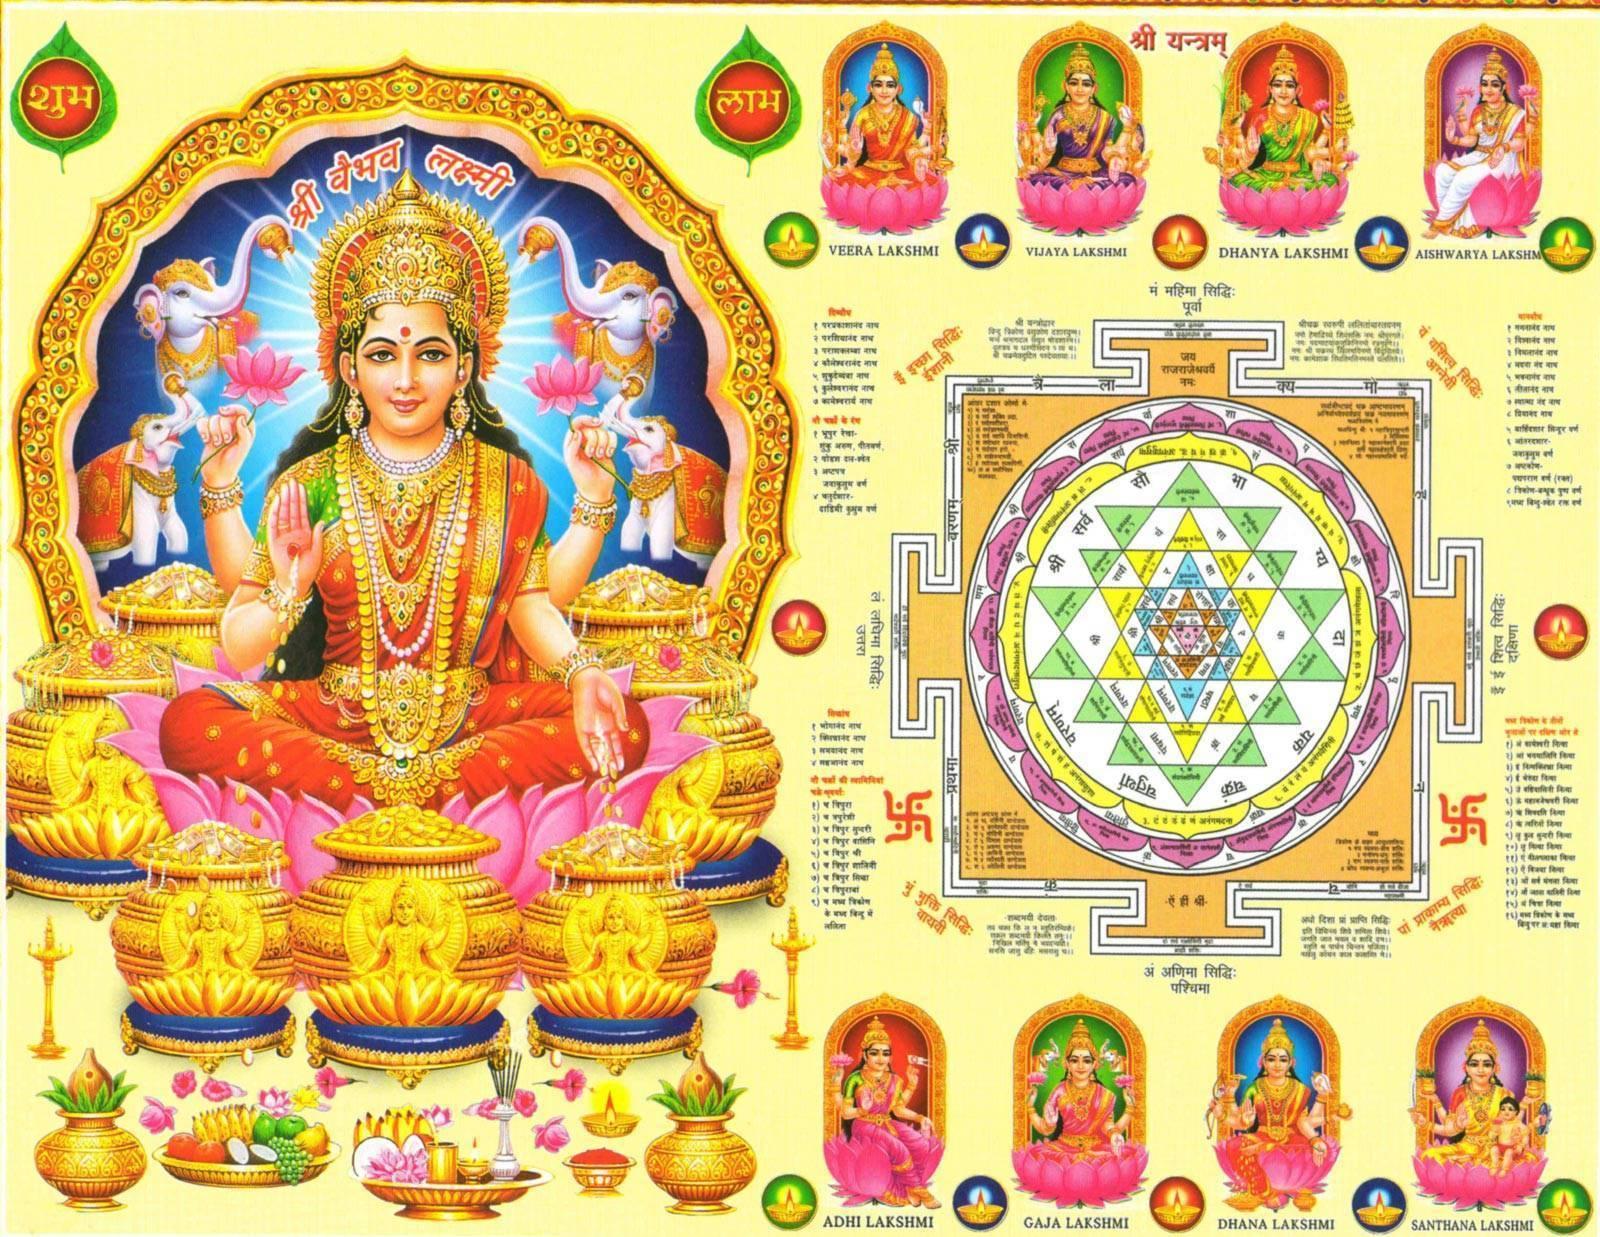 Богиня лакшми - индийская богиня с множеством рук